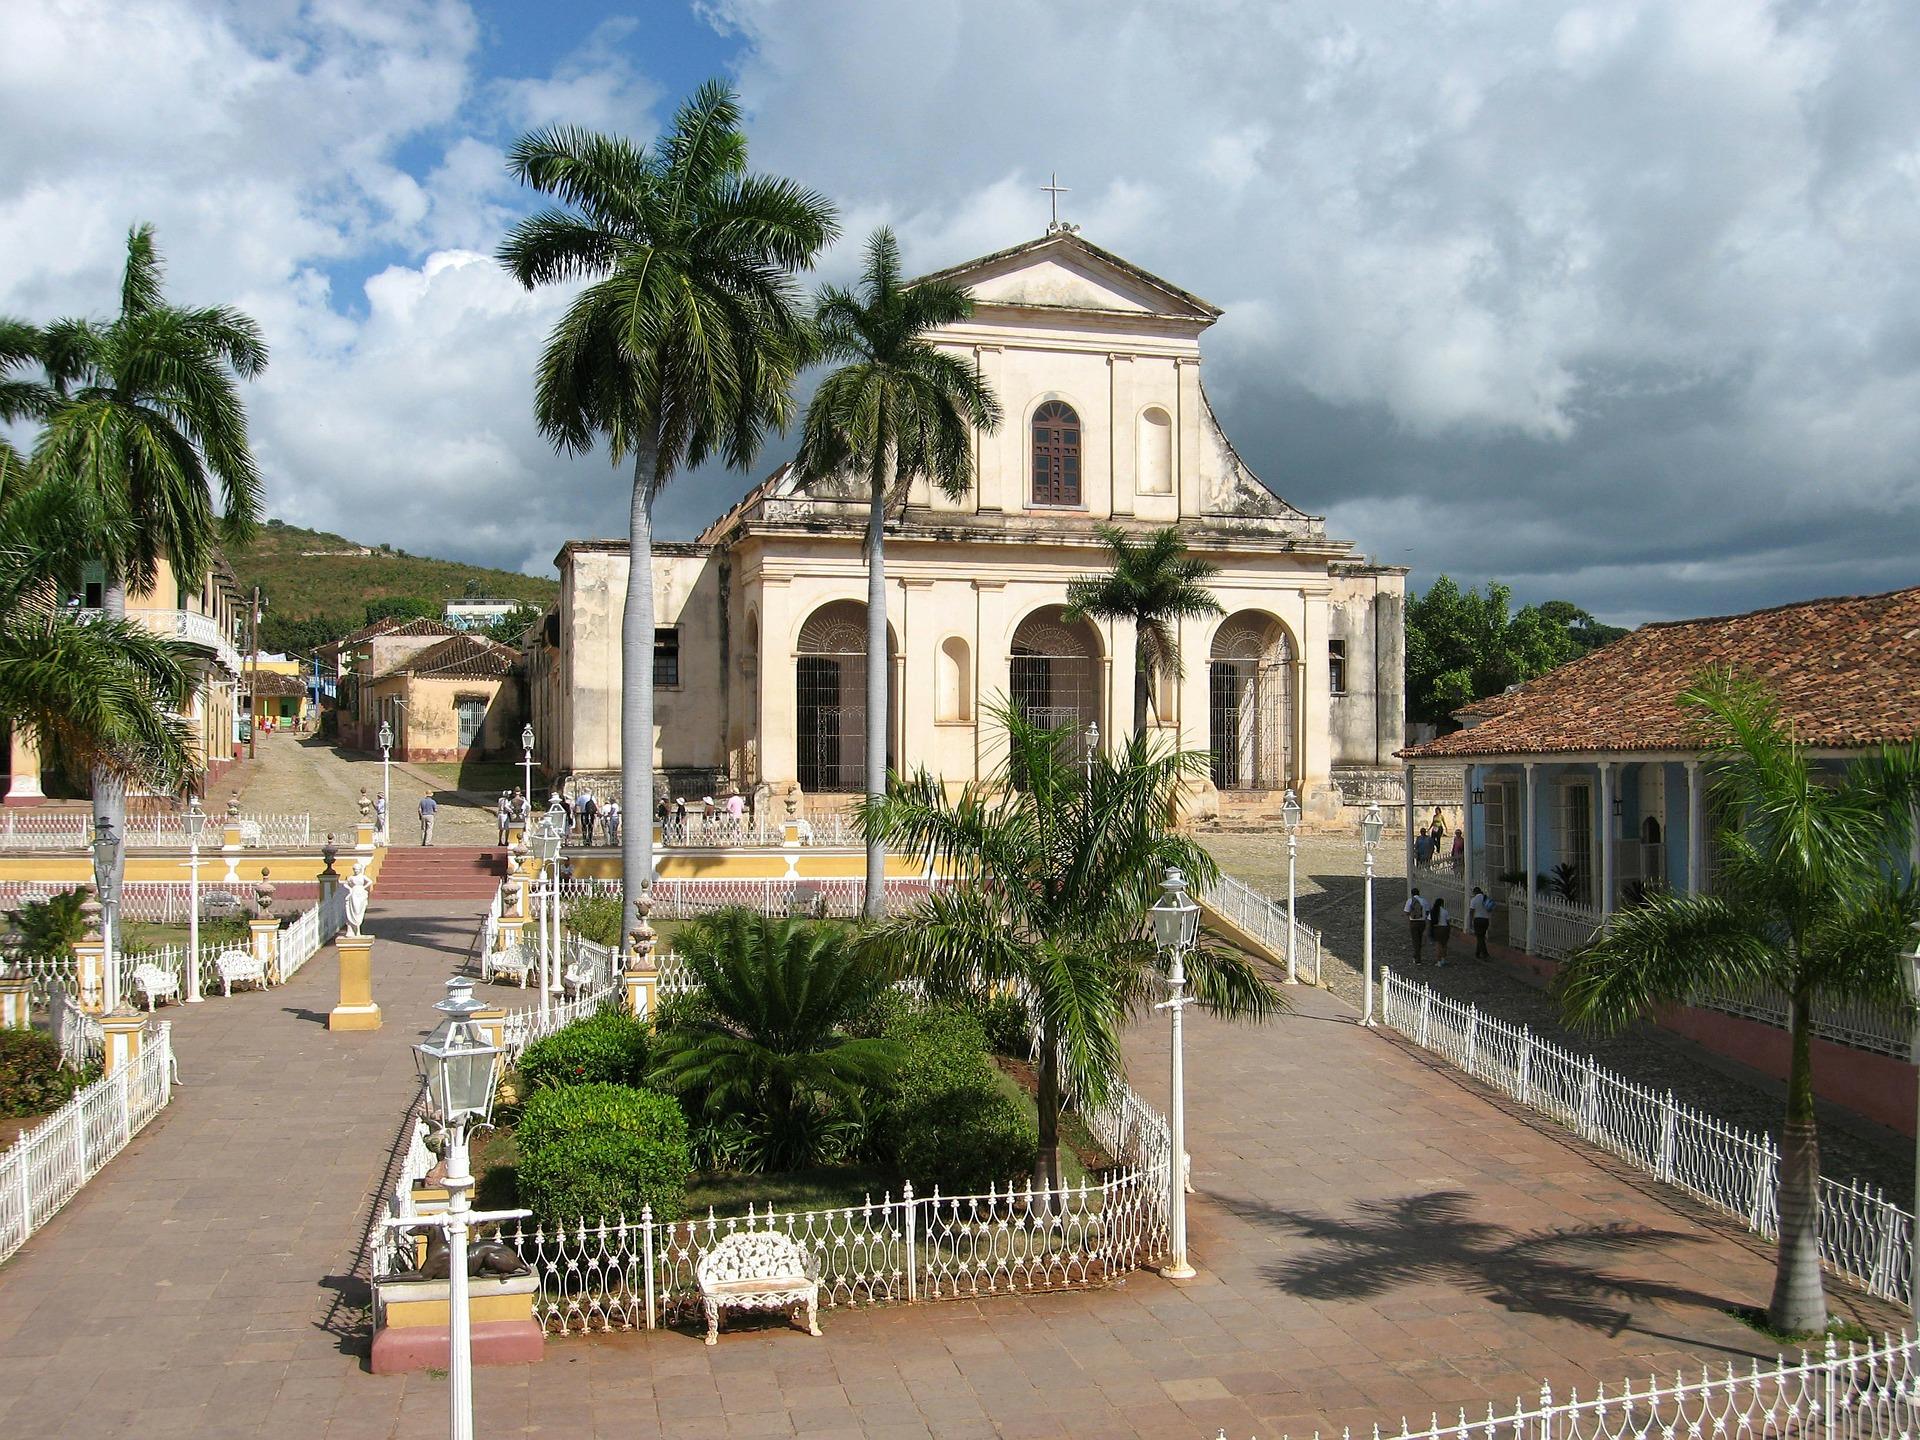 3 semaines à Cuba avec 2 enfants – Retour d'expérience